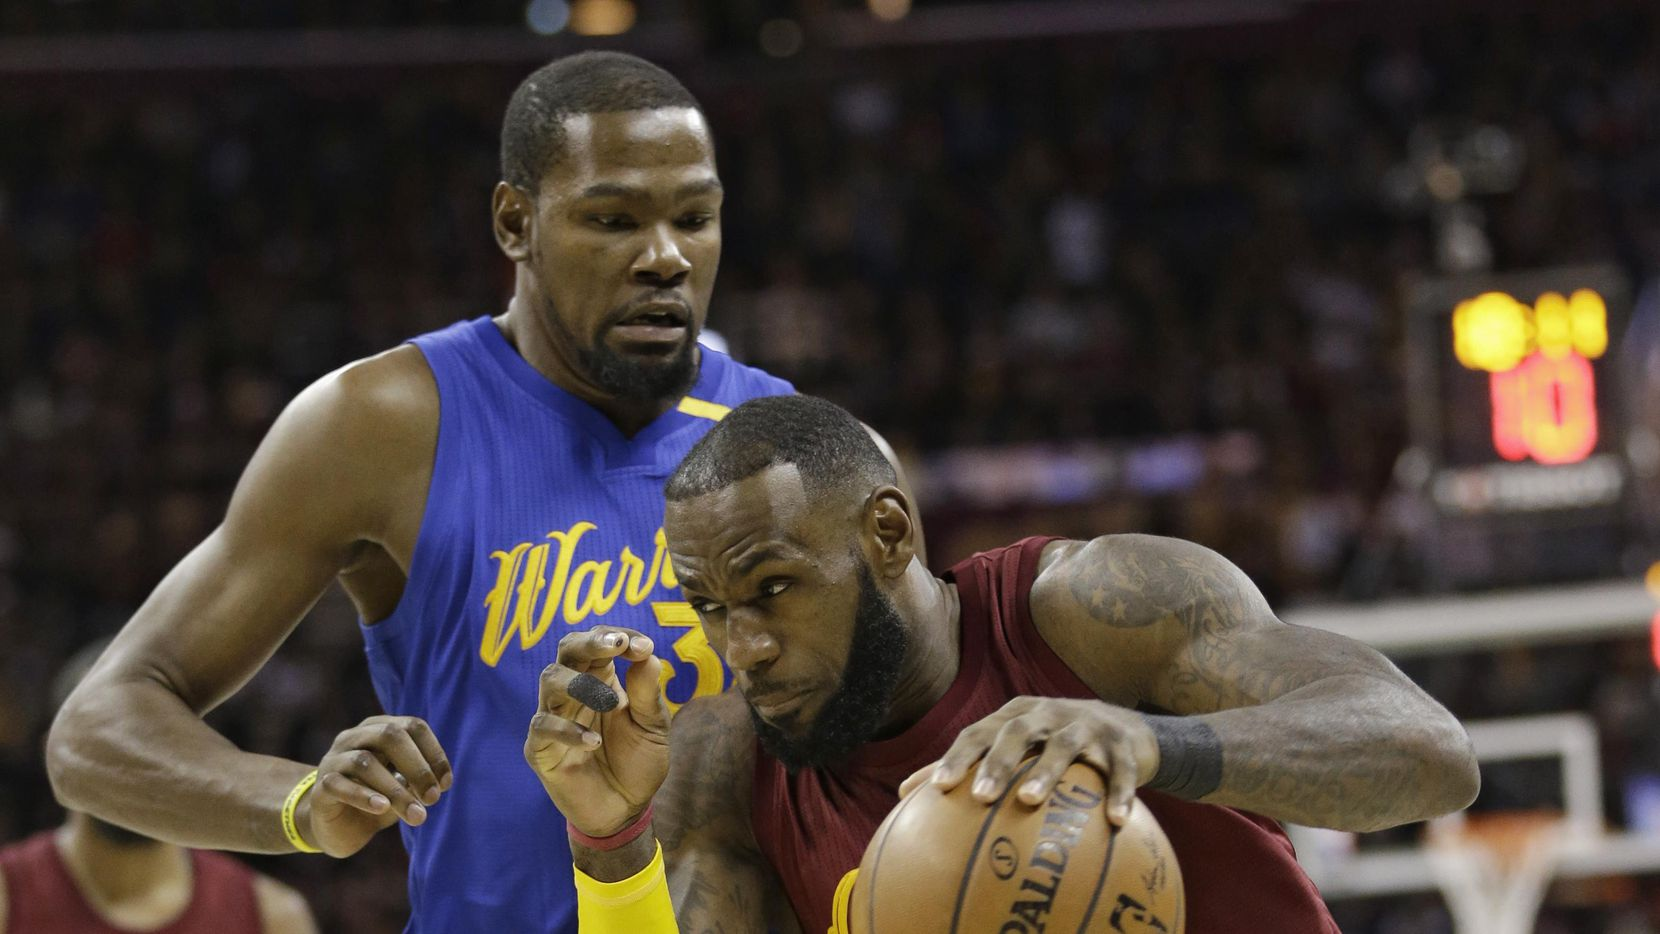 El delantero de los Cavaliers LeBron James jugará su séptima final de la NBA. (AP/Tony Dejak)